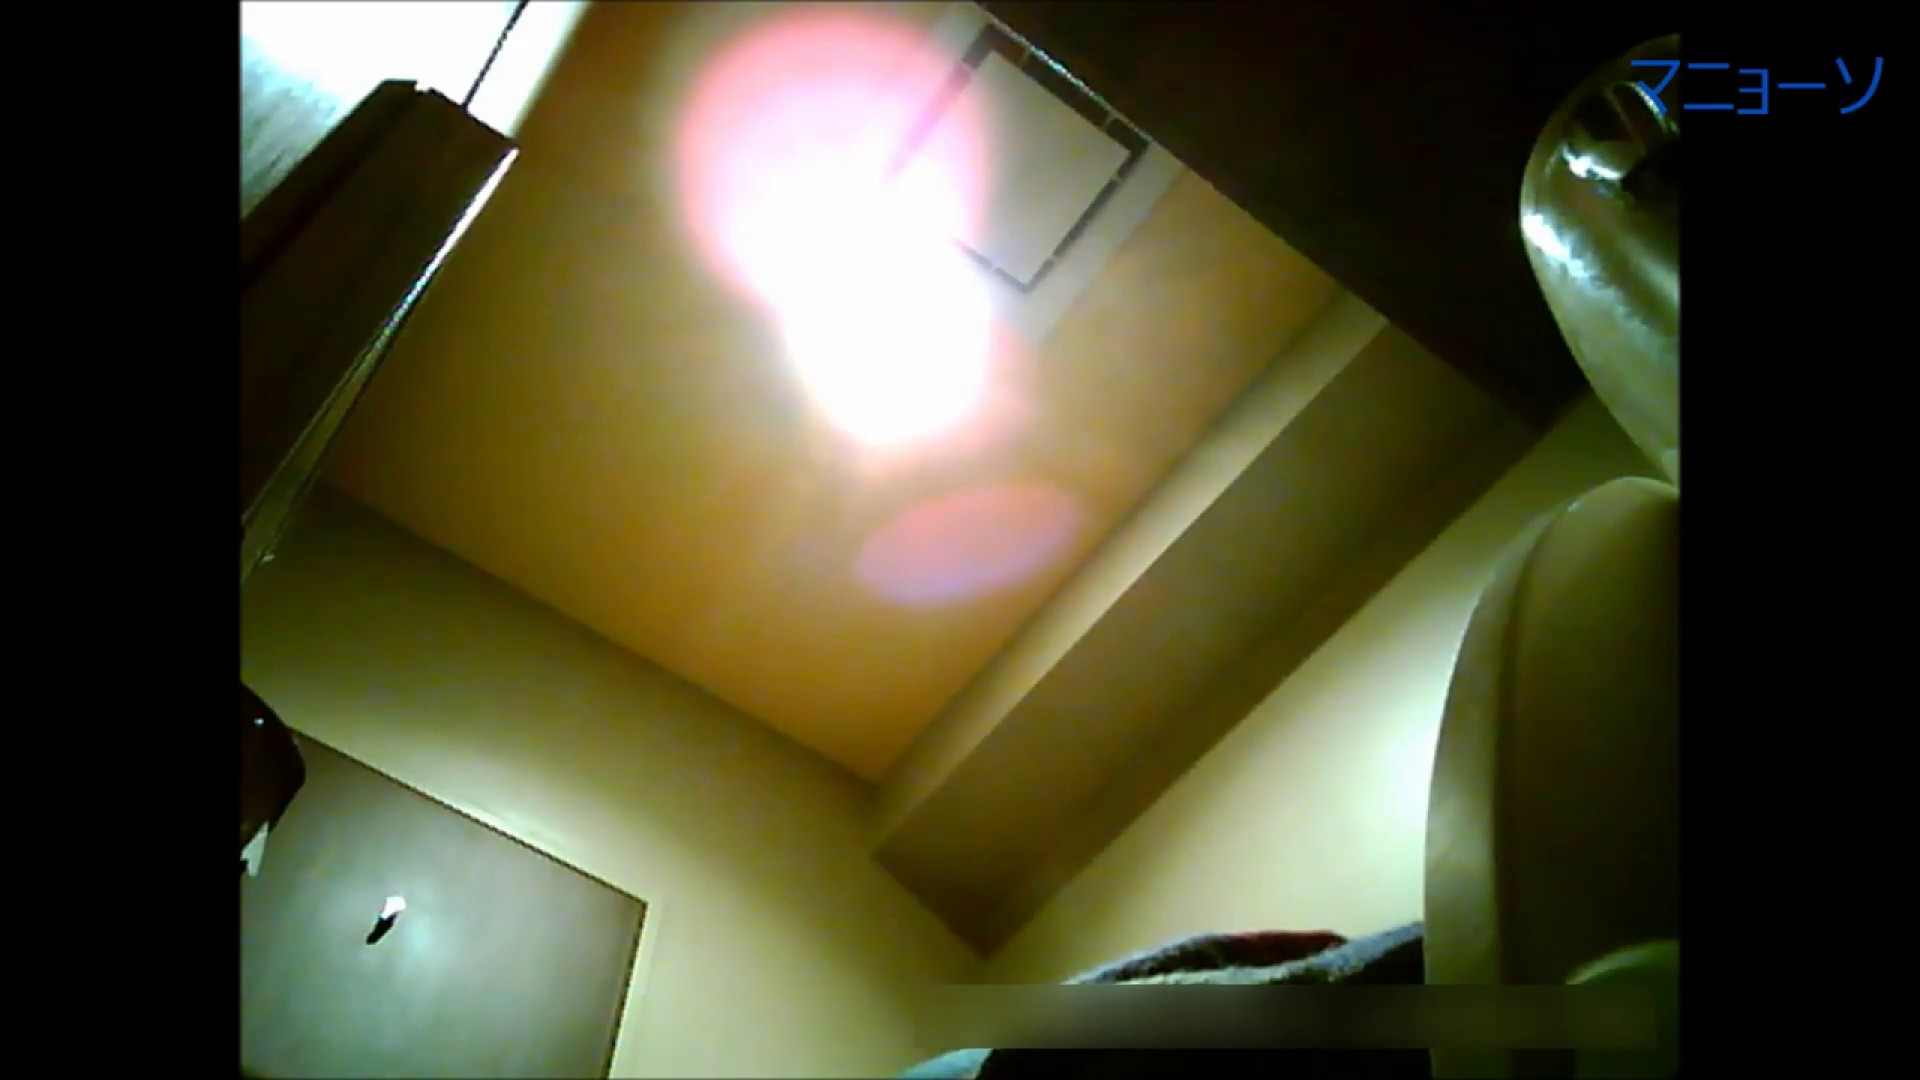 トイレでひと肌脱いでもらいました (JD編)Vol.02 トイレ | OLの実態  80pic 23